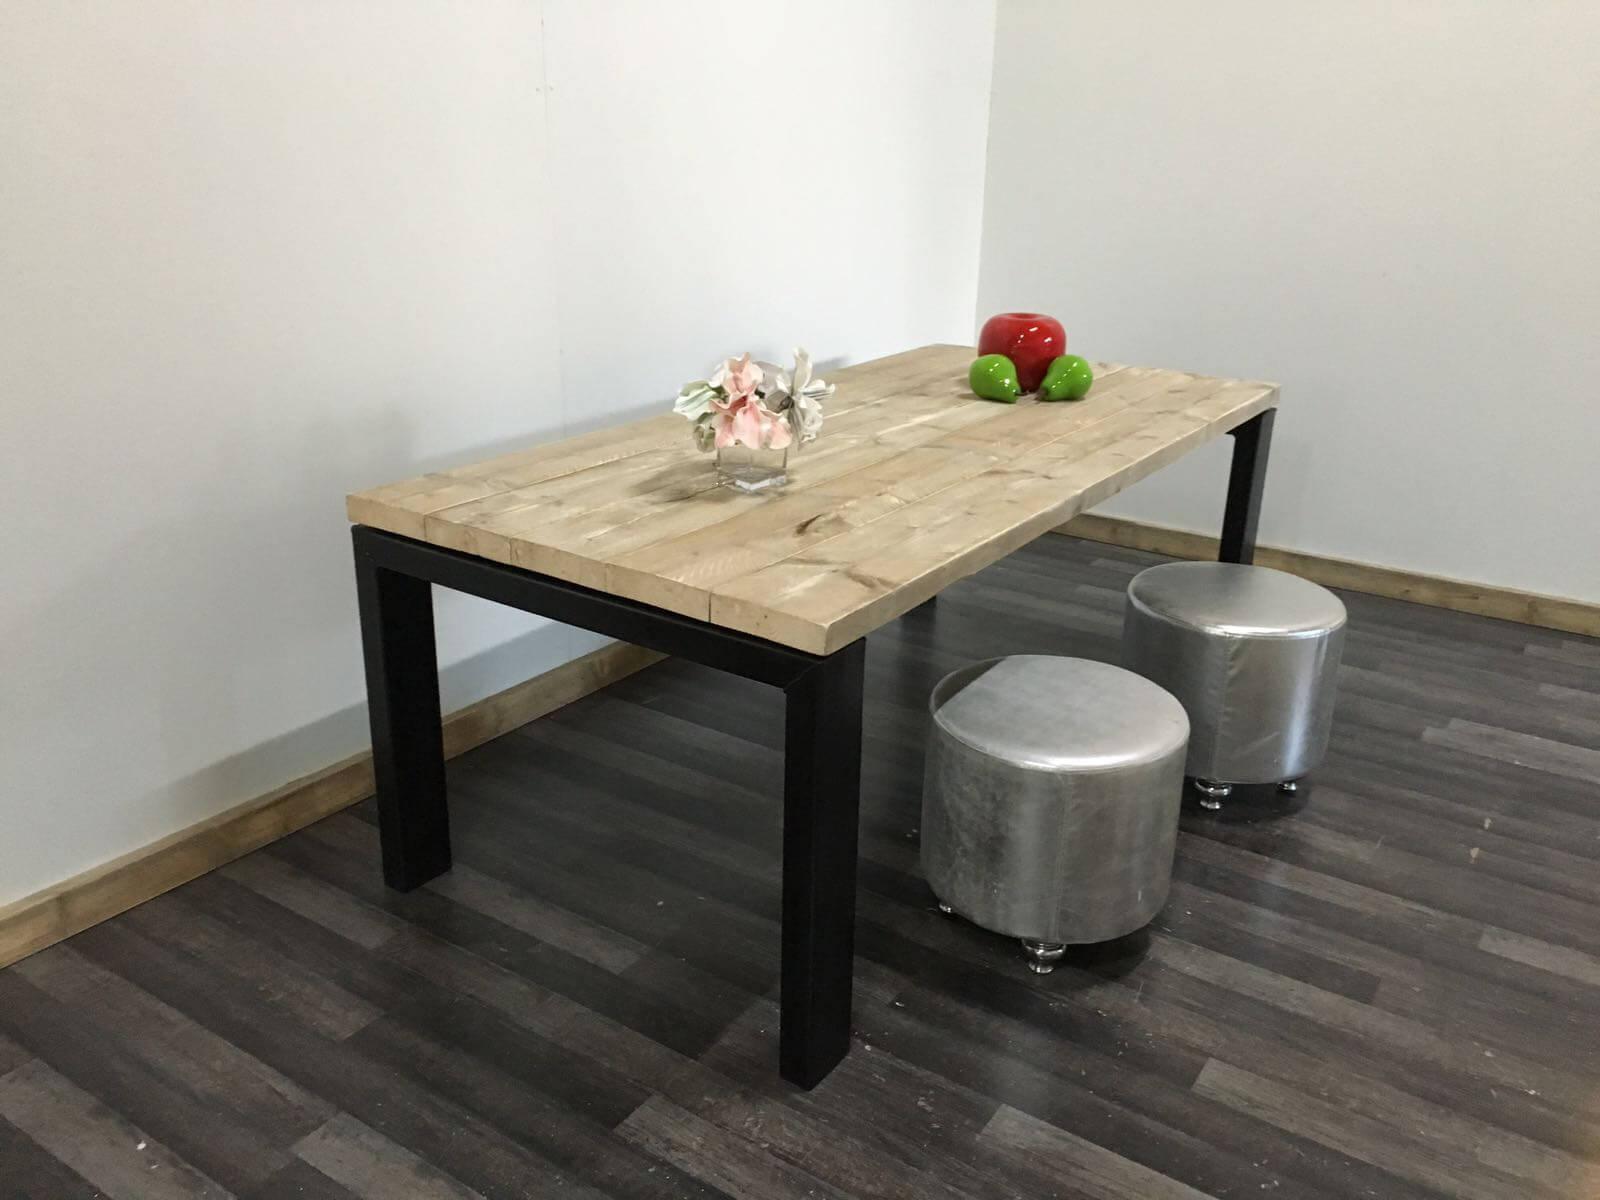 Ijzeren Onderstel Tafel : Steigerhouten tafel lufkin met metalen onderstel